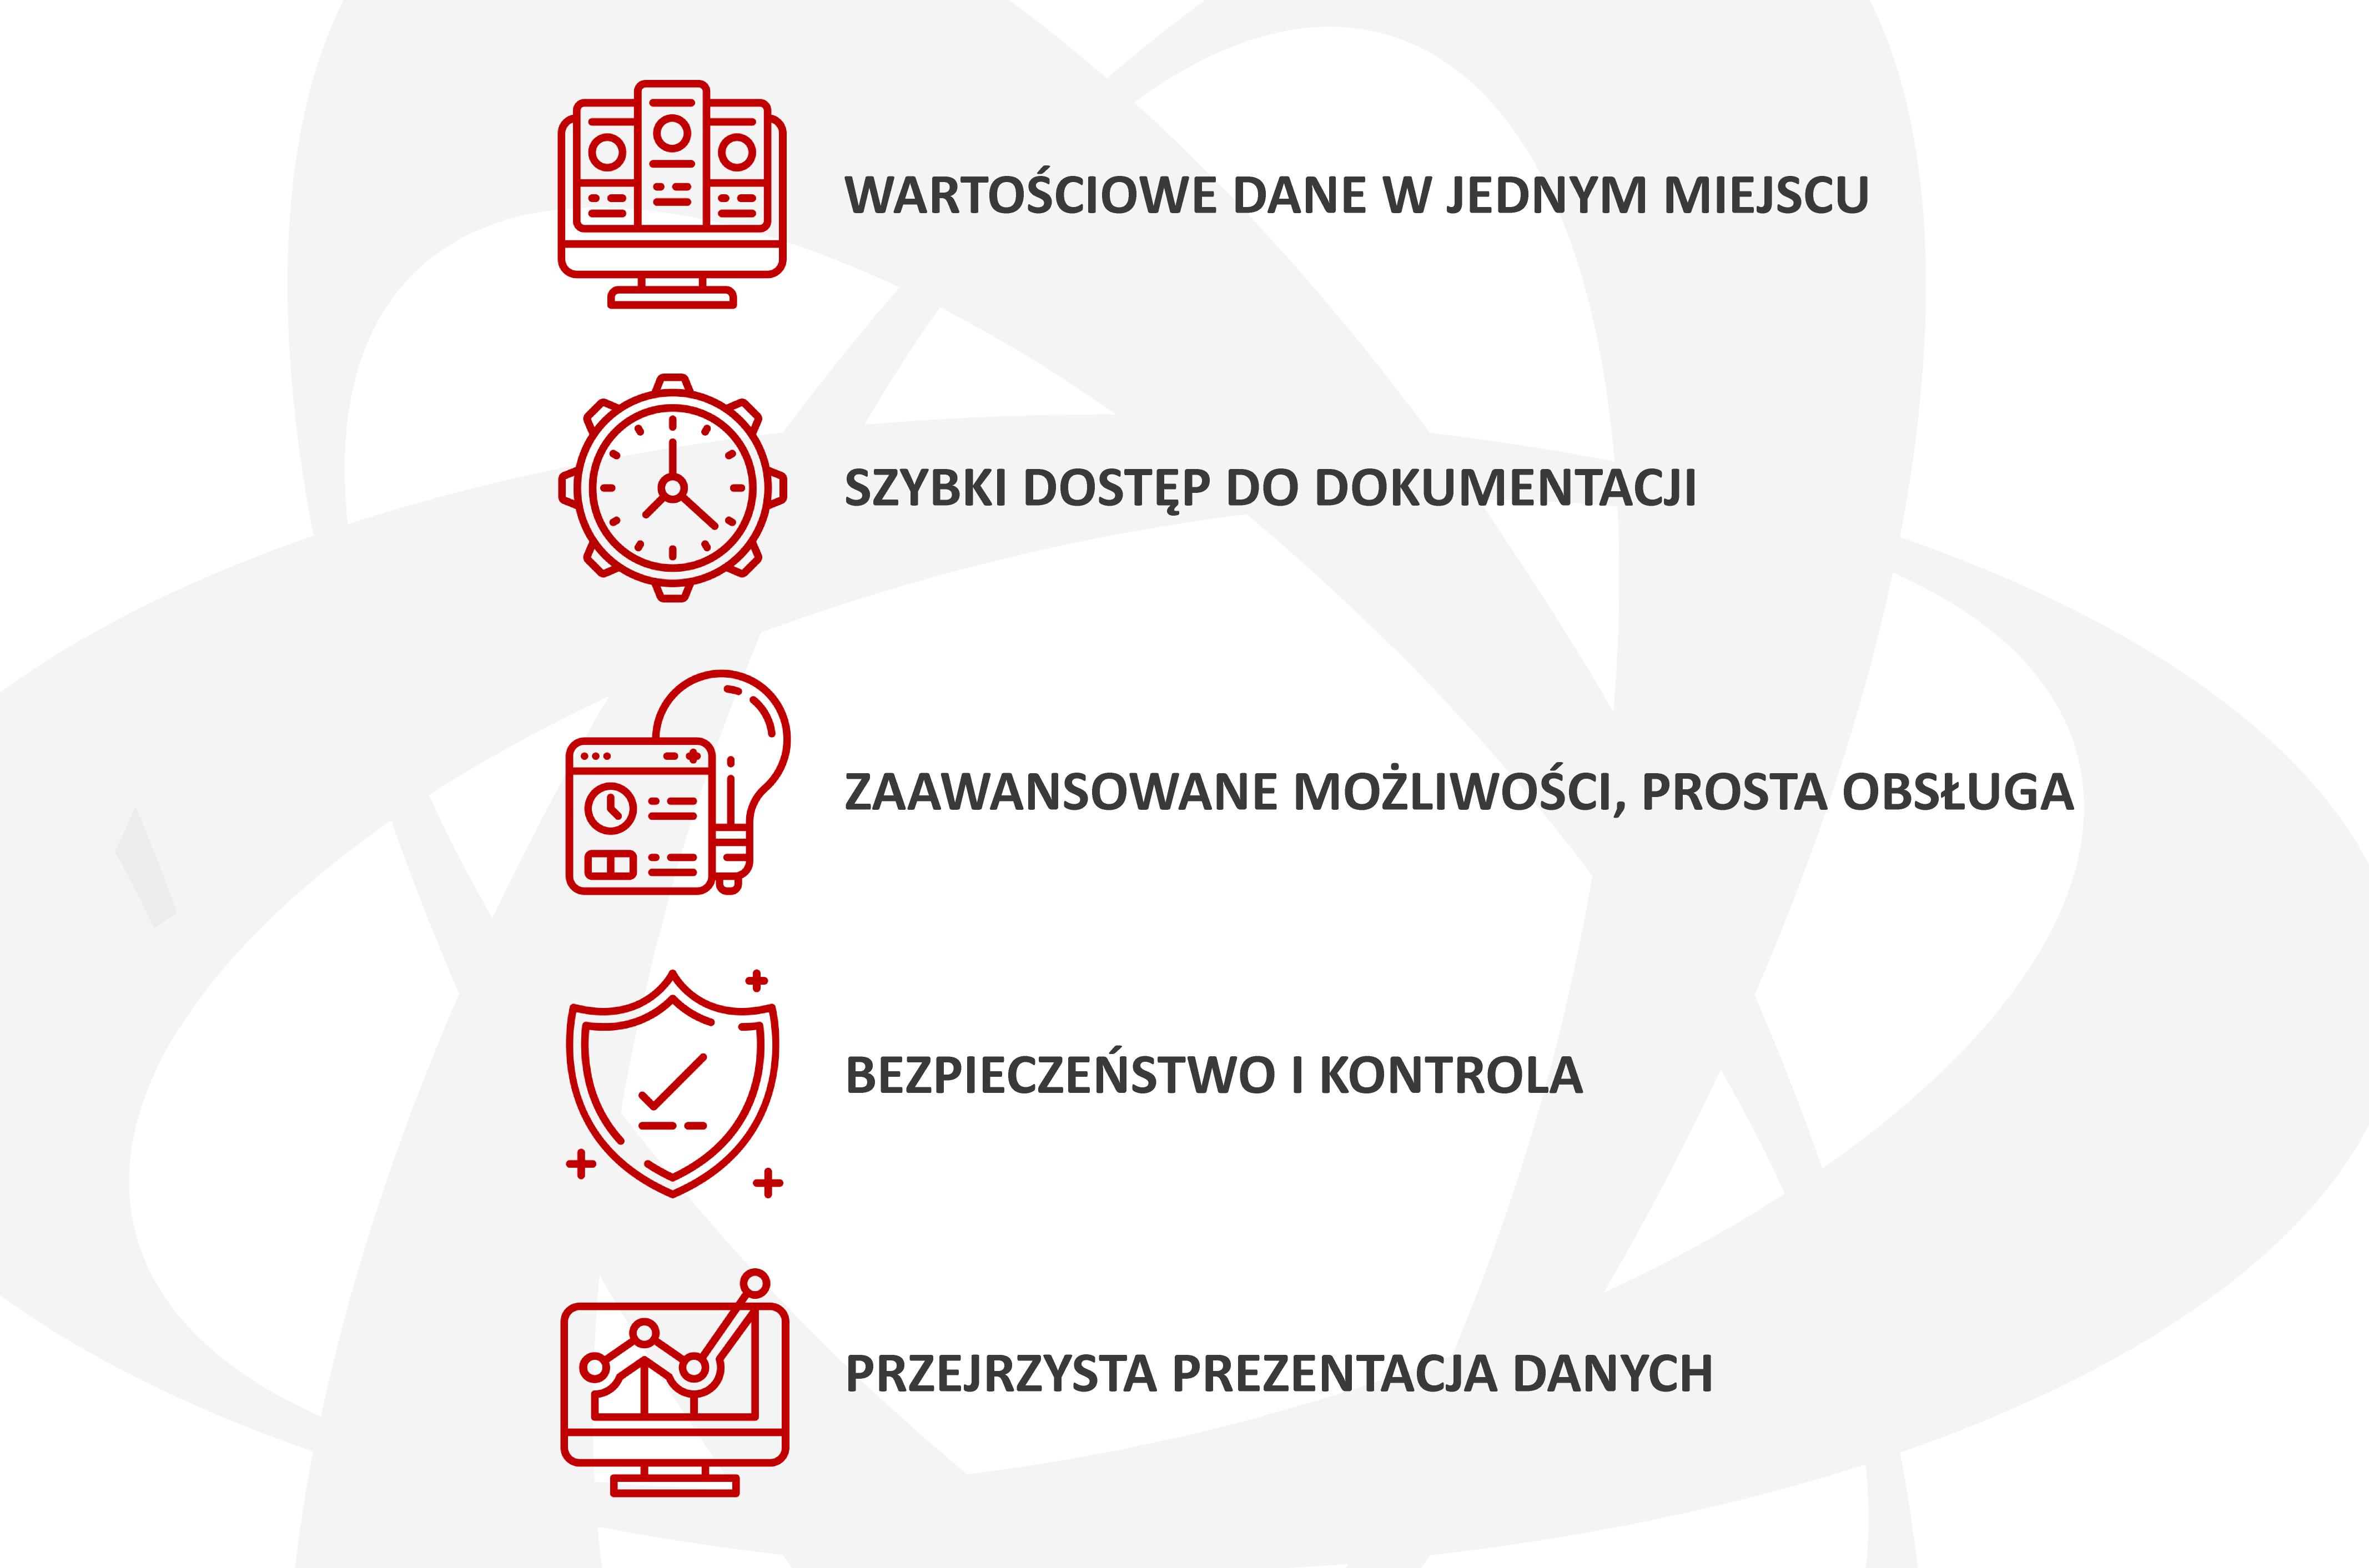 EXTRANET generuje szczegółowe raporty w oparciu o zgromadzone dane.